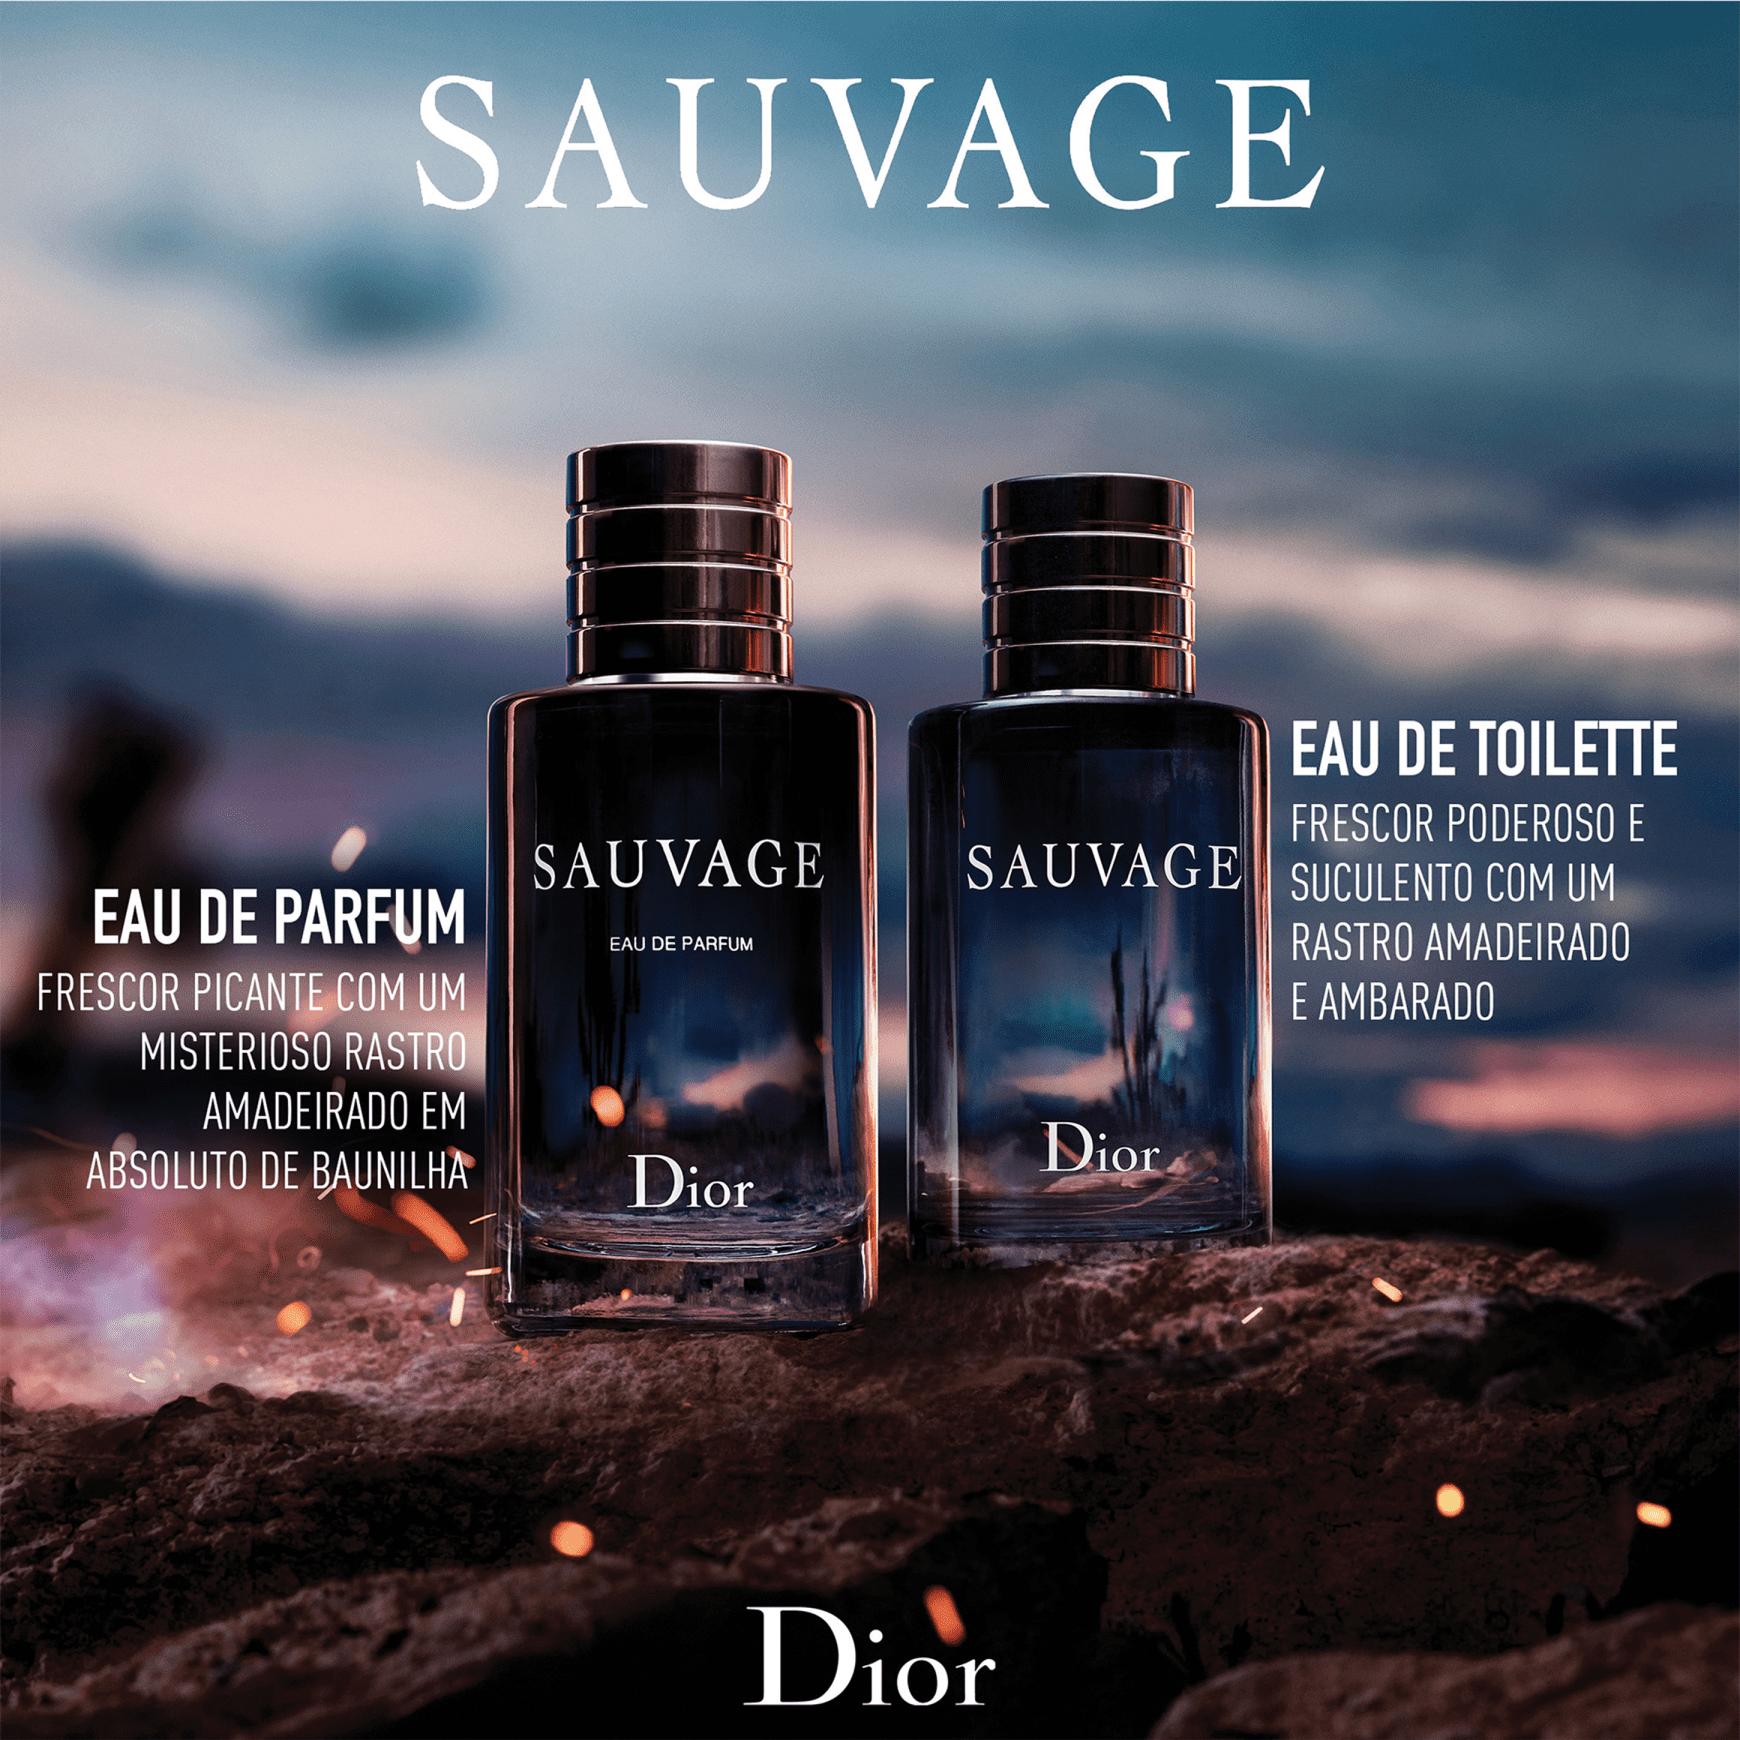 7001f8ddf8b Sauvage Dior Eau de Parfum - Perfume Masculino 100ml